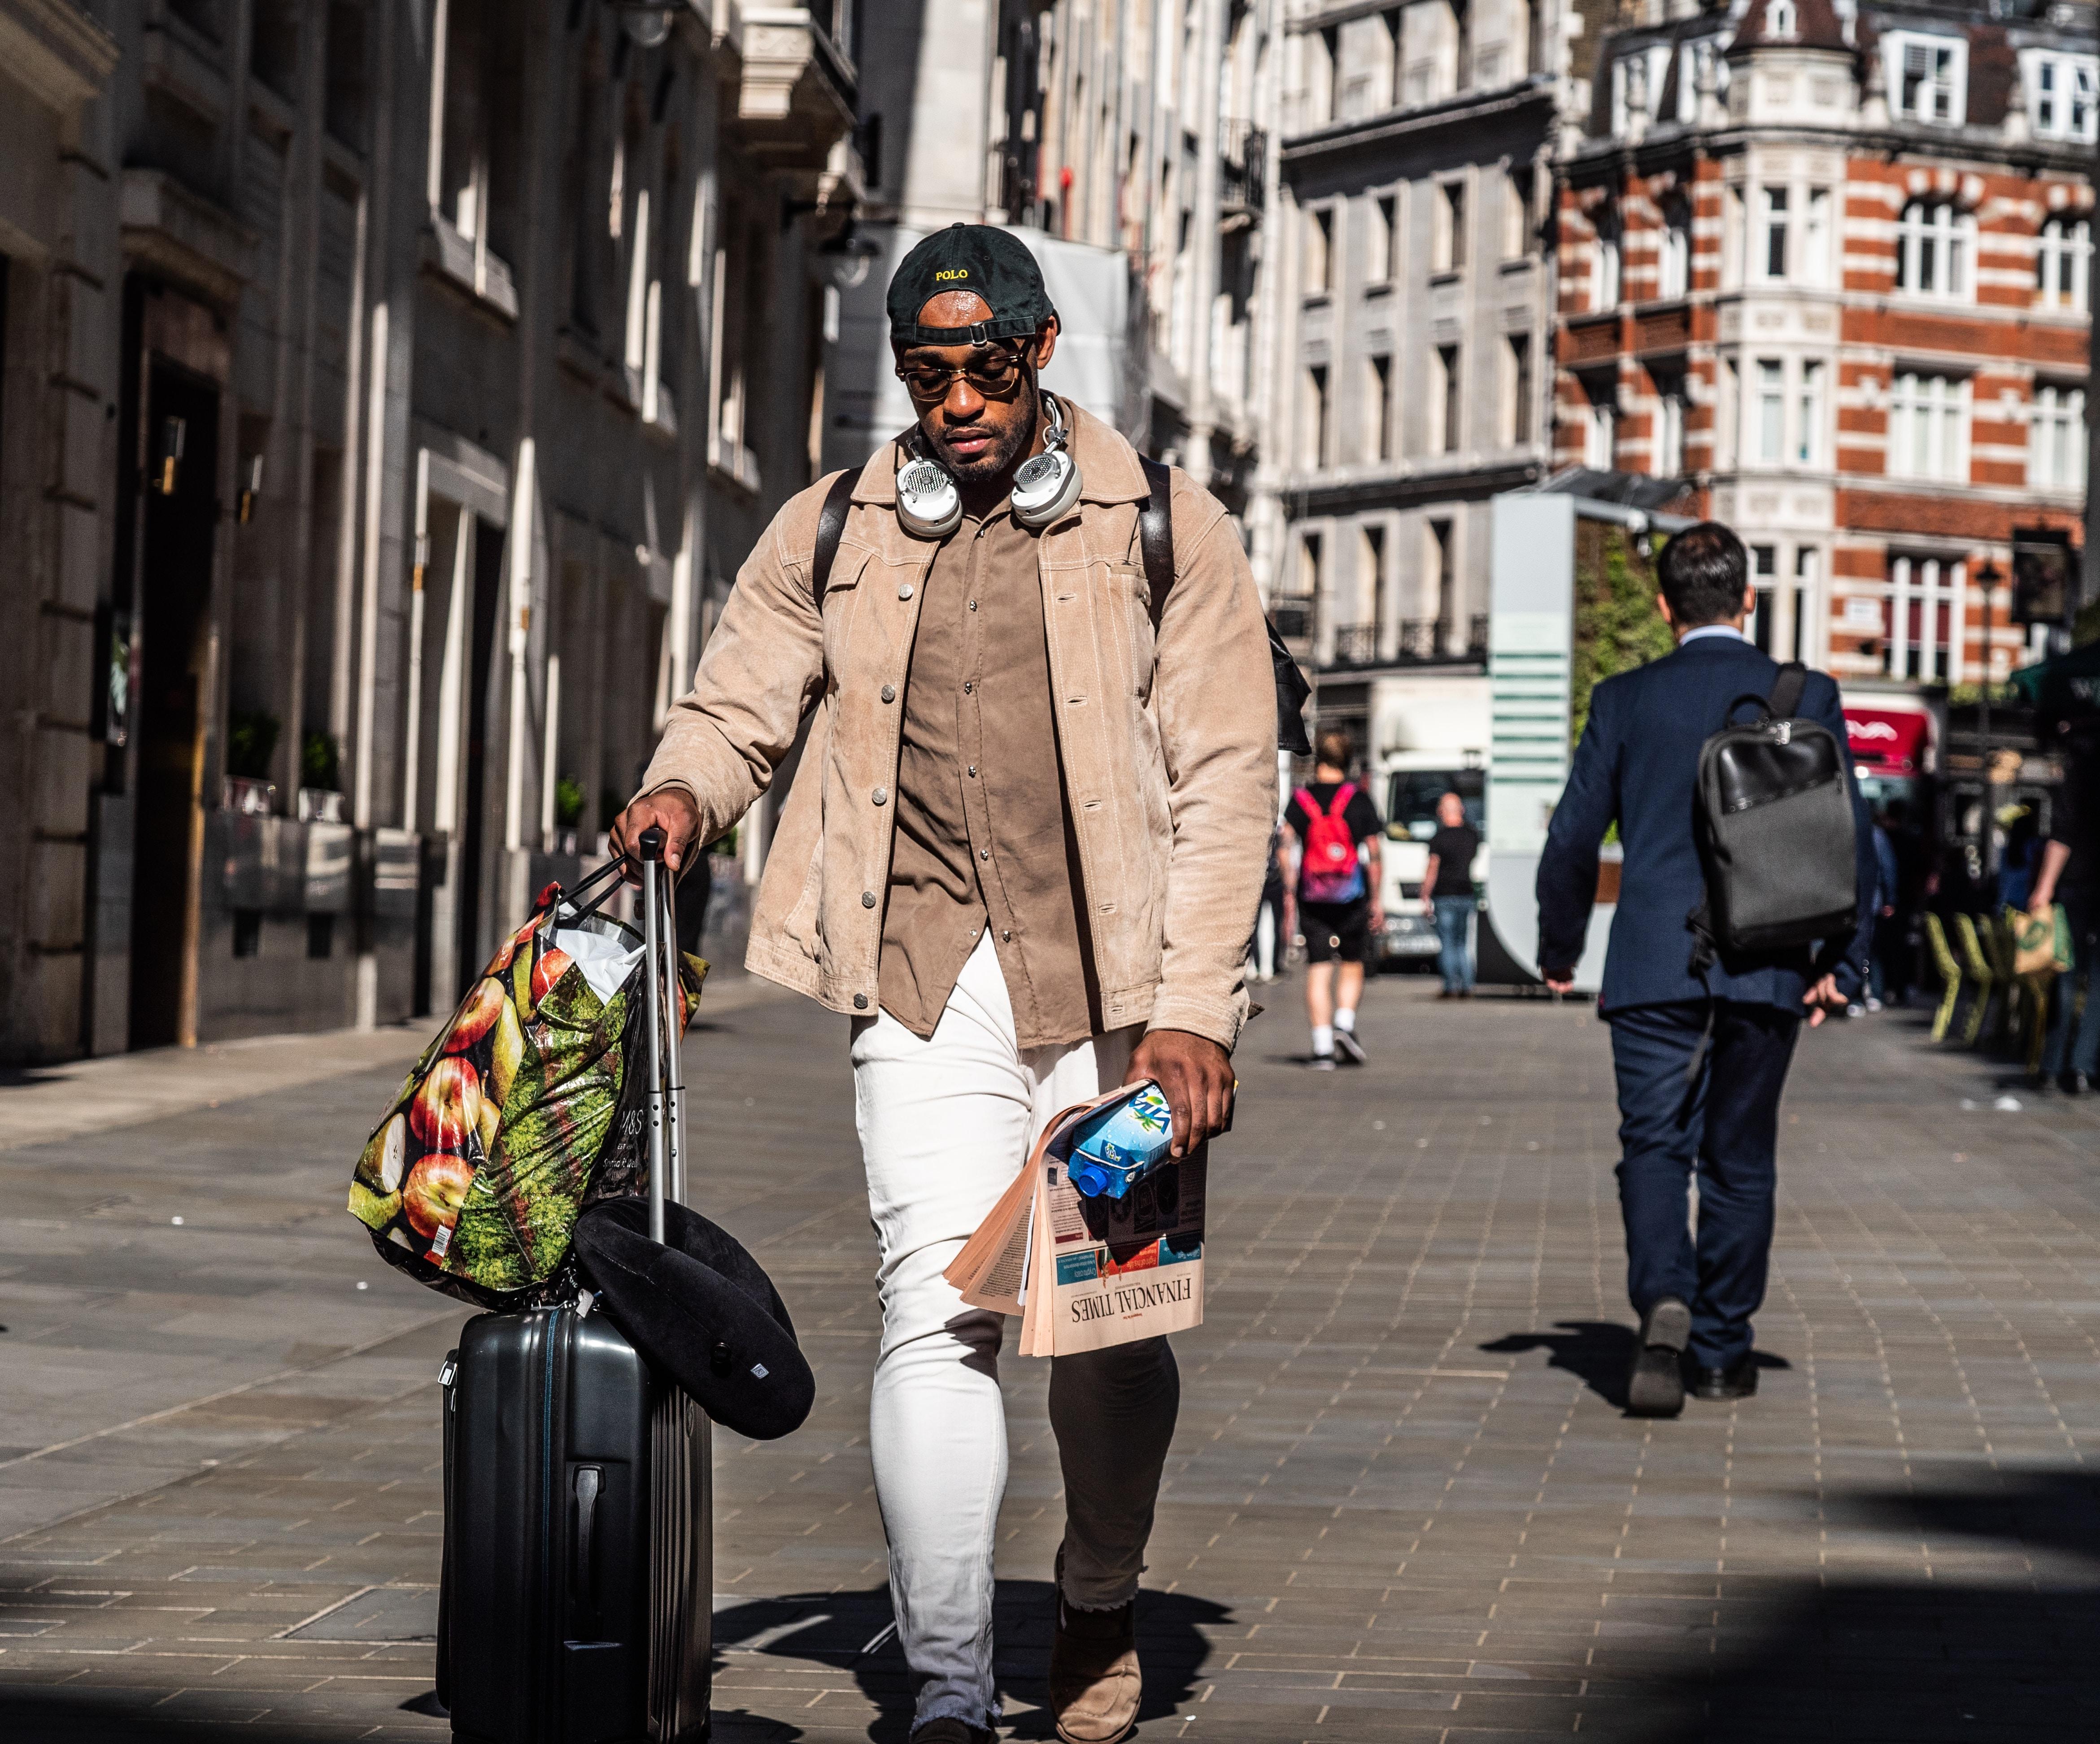 man wearing brown shirt pulling black luggage